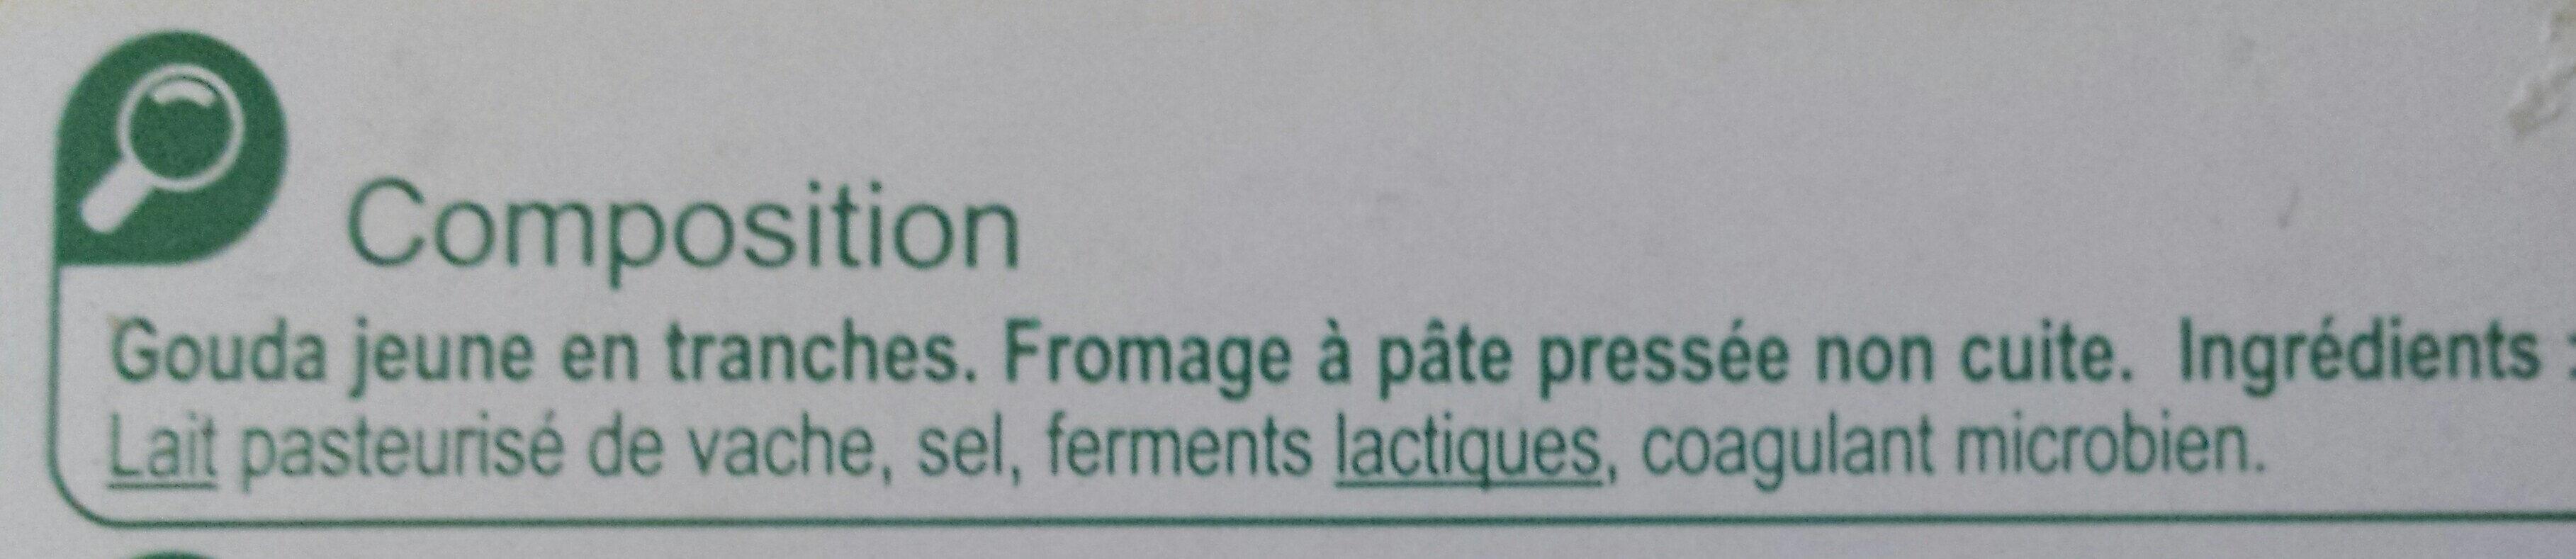 Gouda jeune (30 % MG) en tranches - Ingrediënten - fr